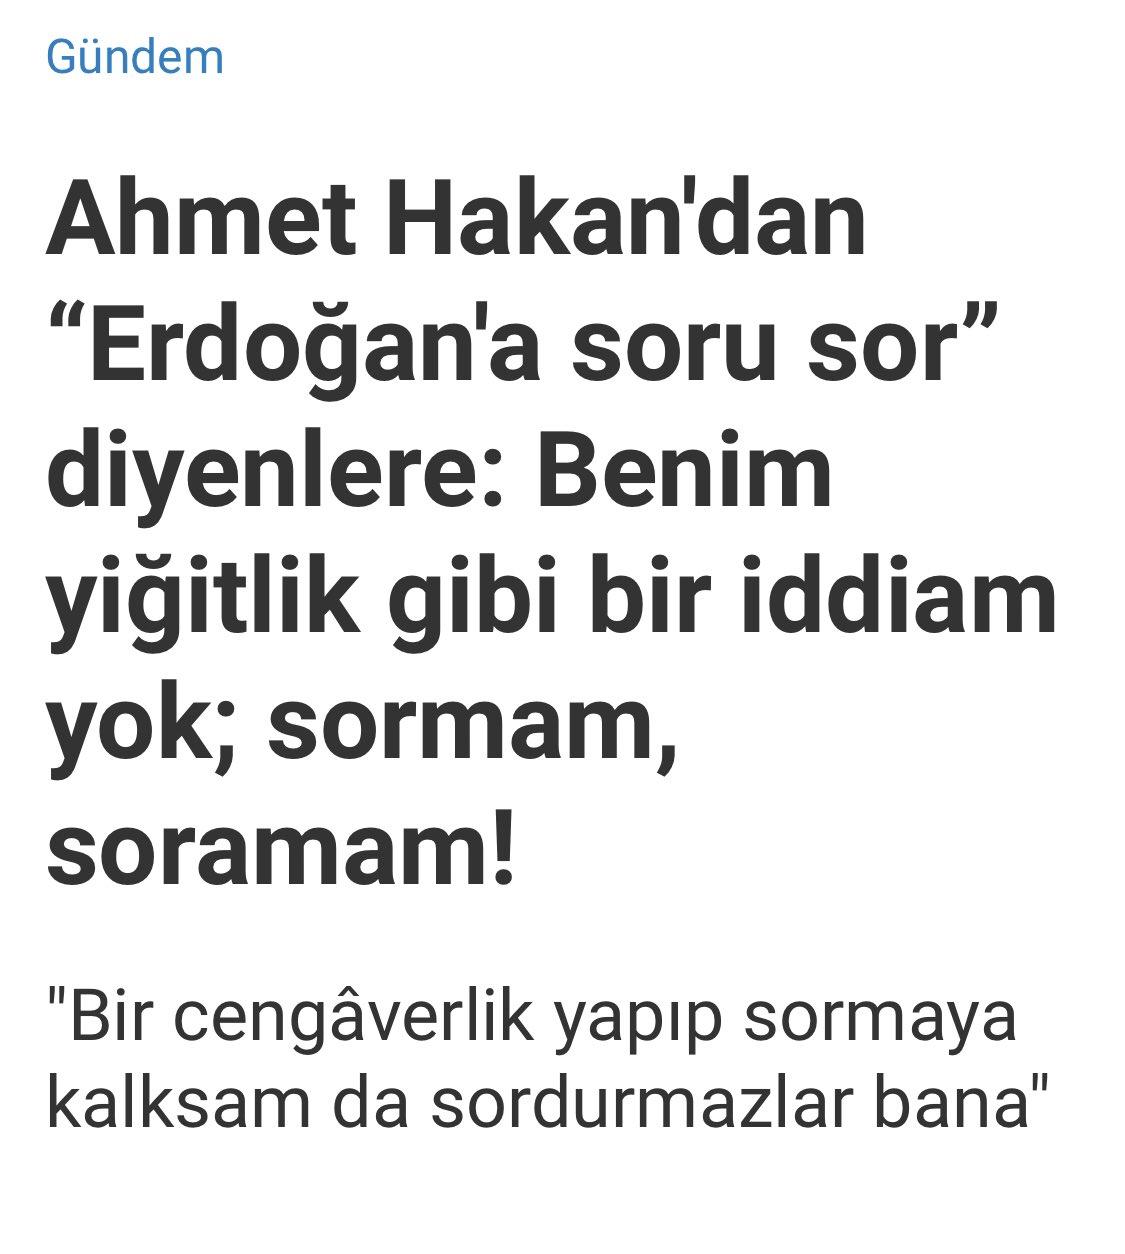 Ahmet Hakan'ın daha önce yaptığı açıklama